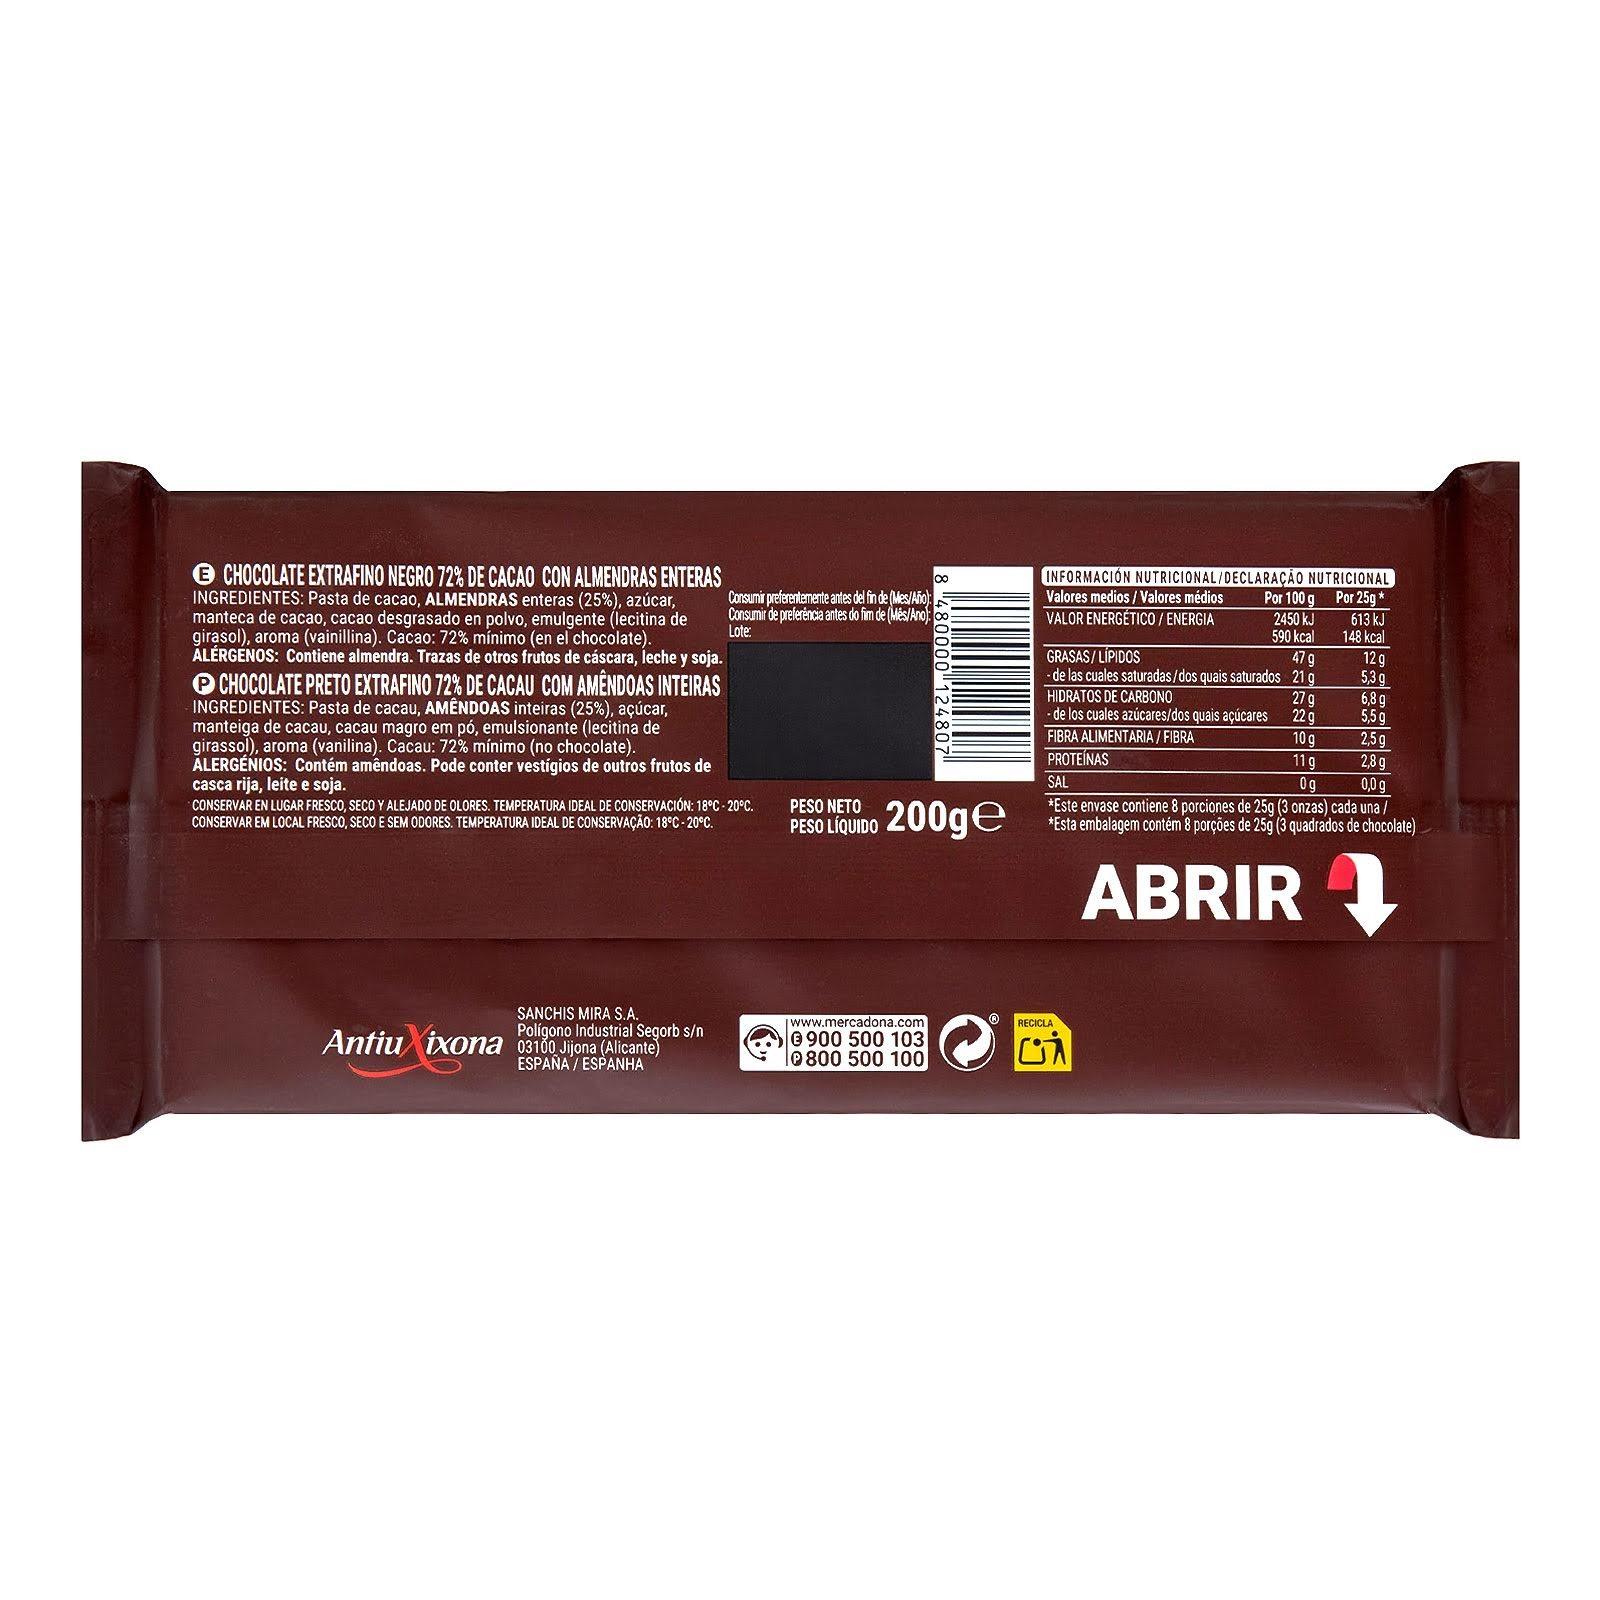 Chocolate negro con almendras enteras 72% de cacao Hacendado